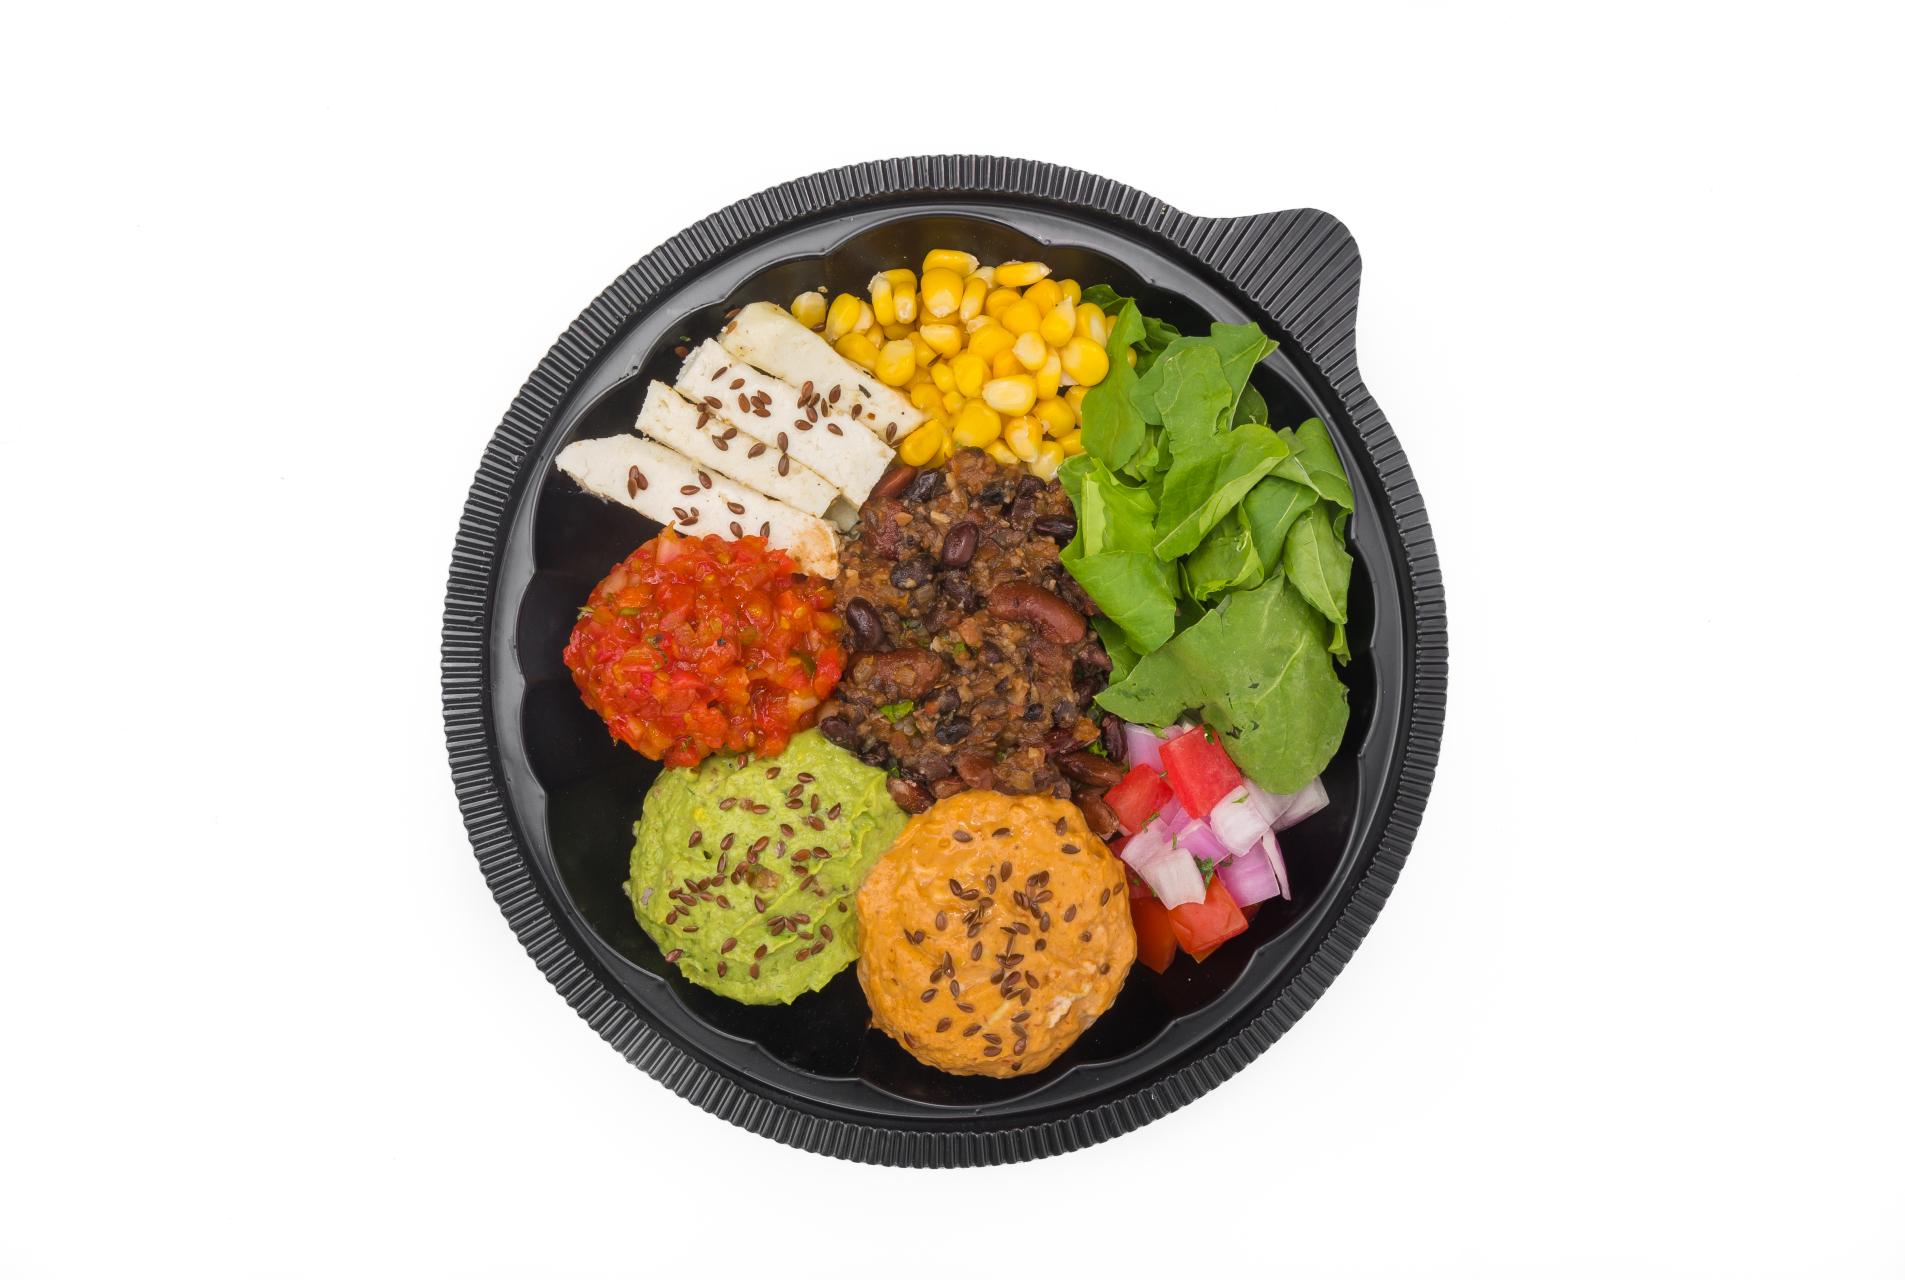 The Burrito Bowl (High Protein & Vitamin C)